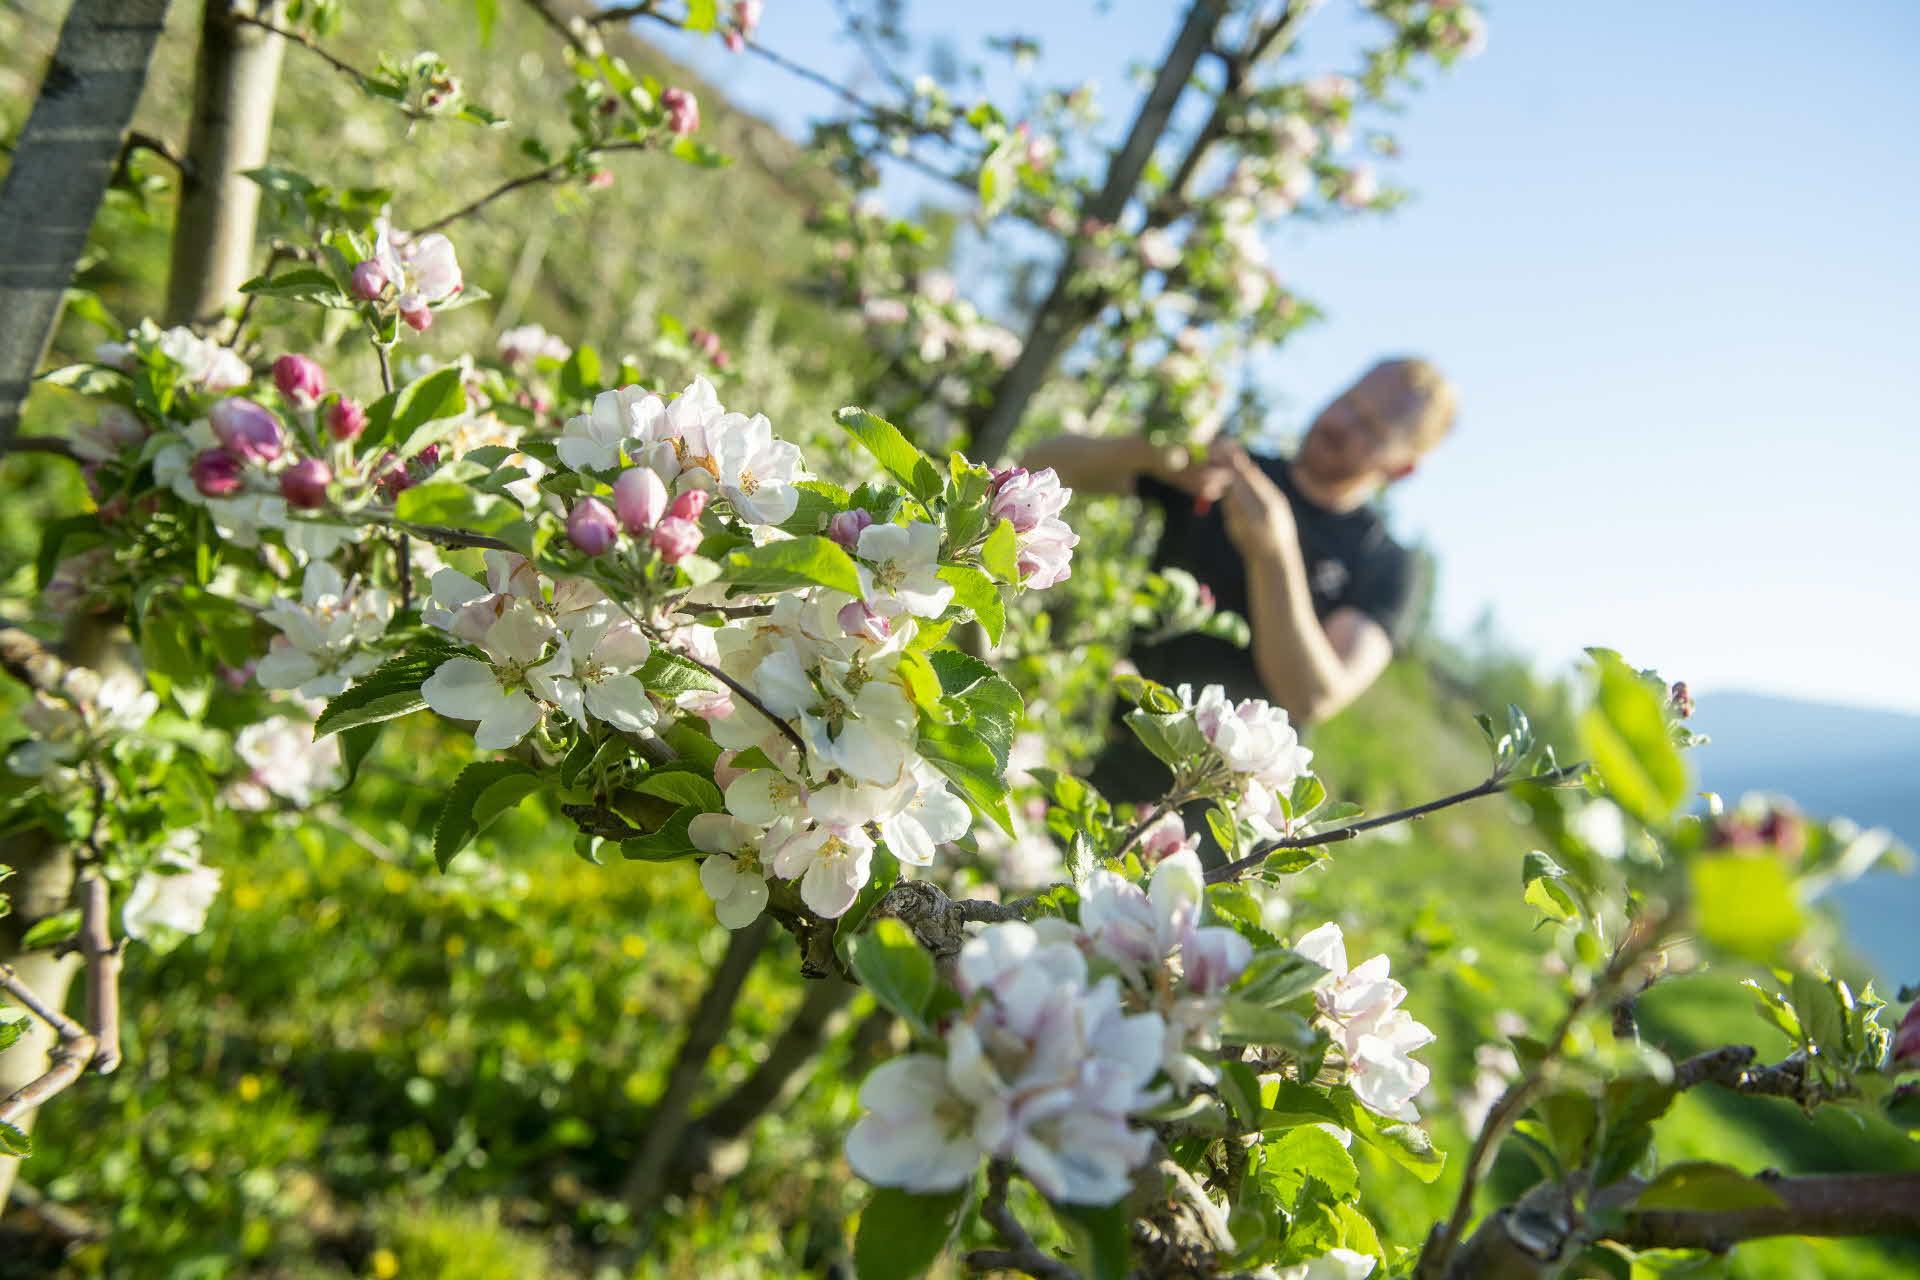 Ein Apfelbauer beschneidet blühende Apfelbäume, im Hintergrund der Hardangerfjord